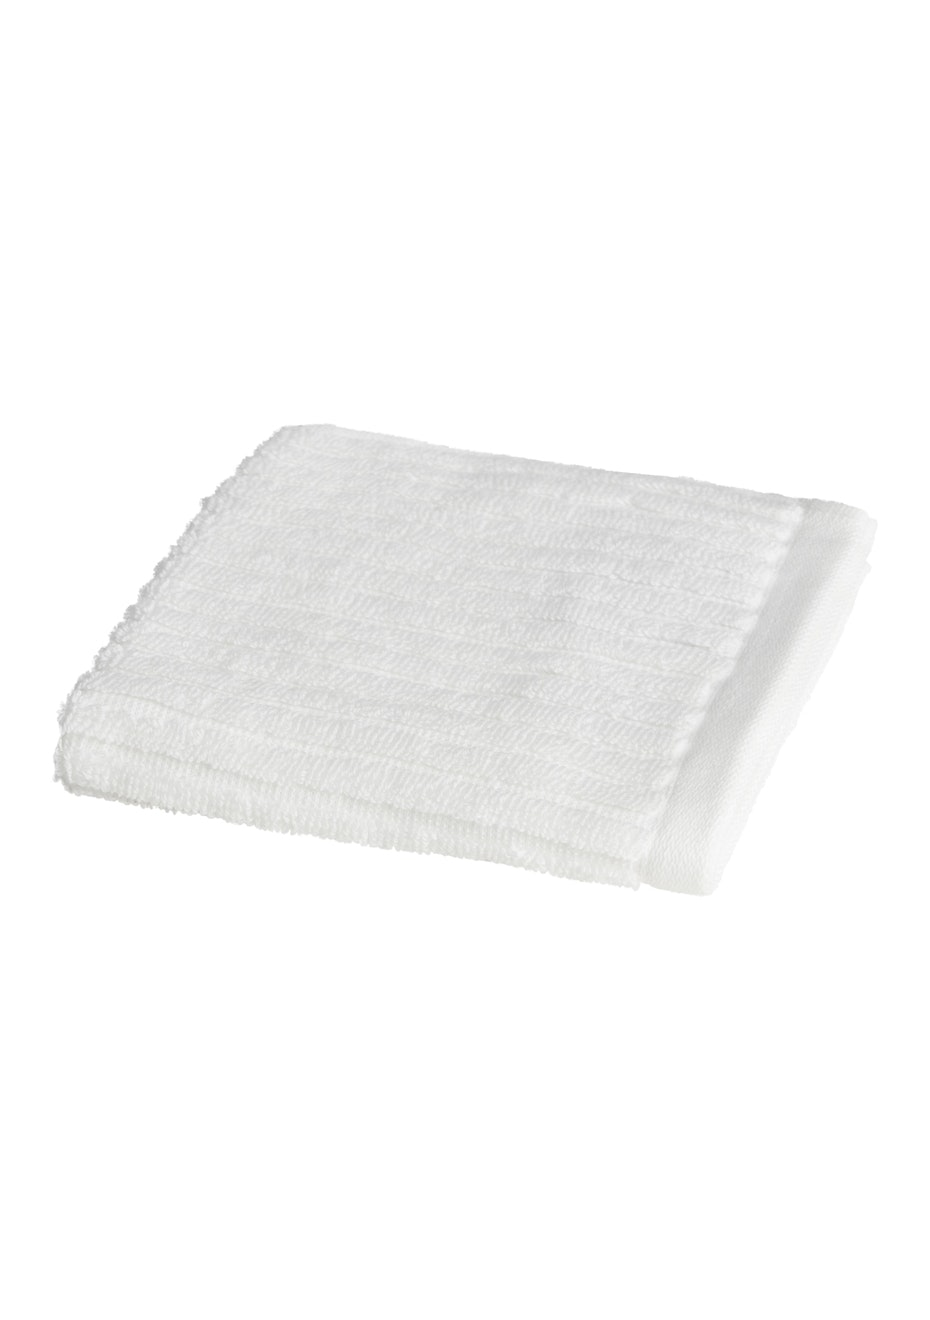 Conran Signature Rib Face Washer White